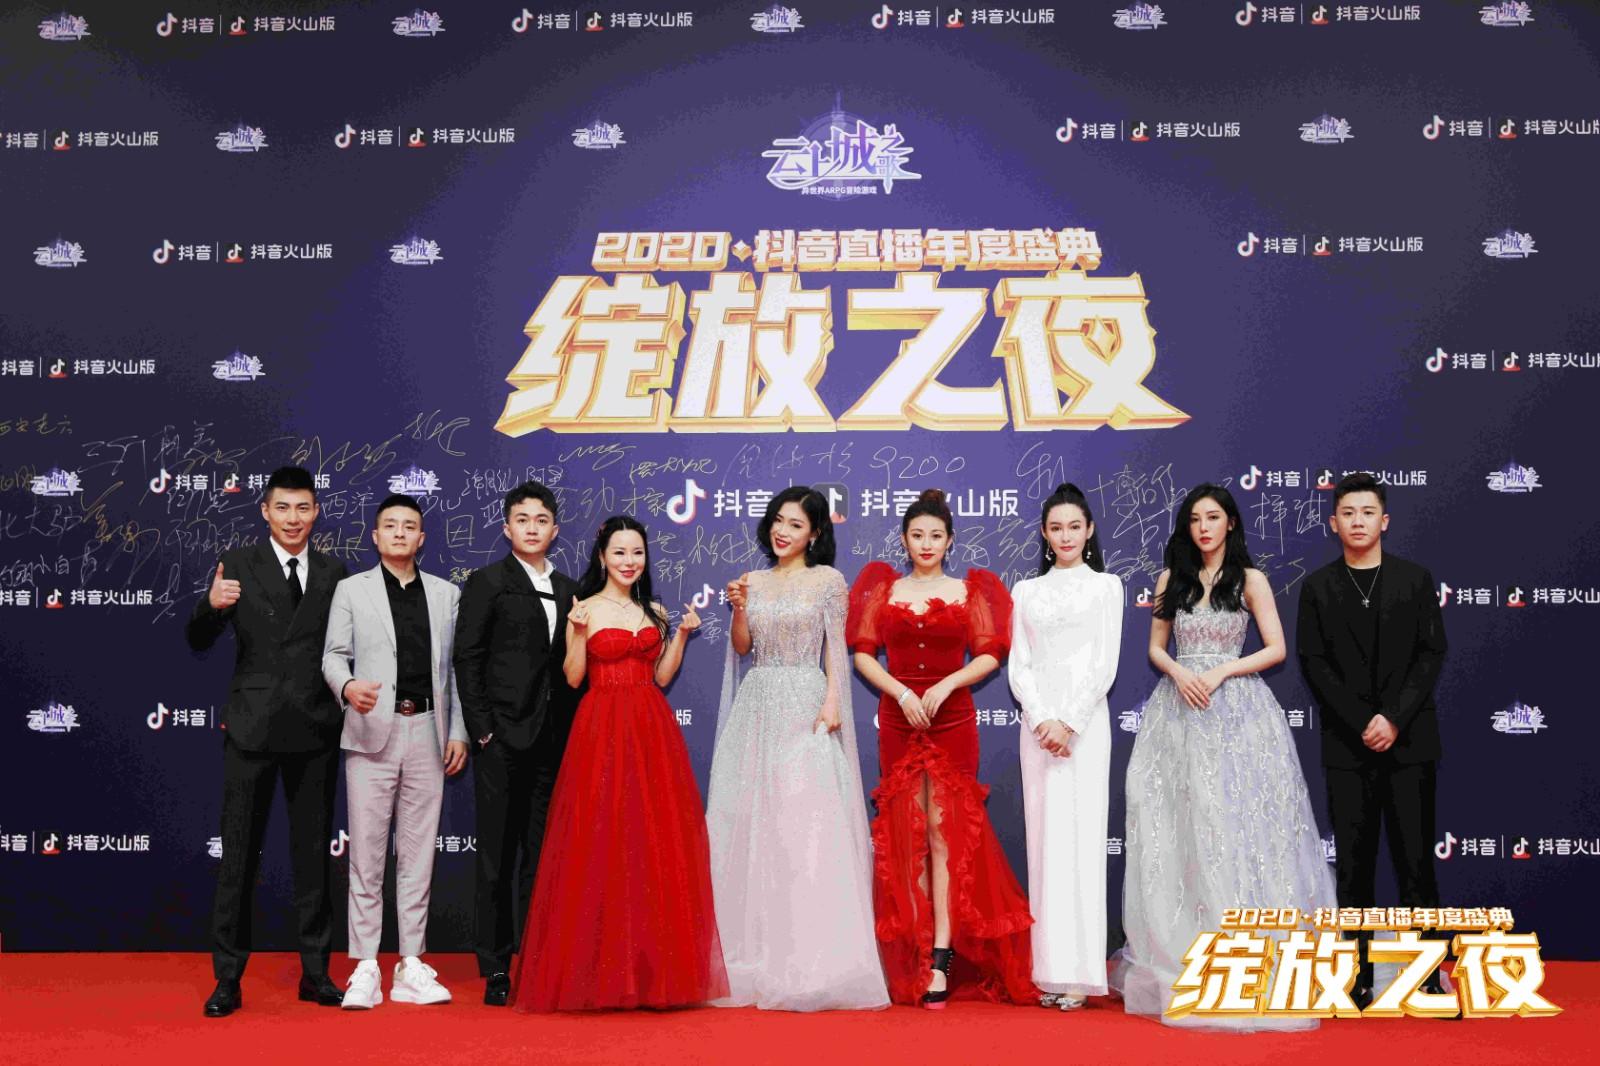 2020抖音直播盛典圆满落幕,OST传媒旗下艺人斩获年度巅峰赛等多类大奖第7张